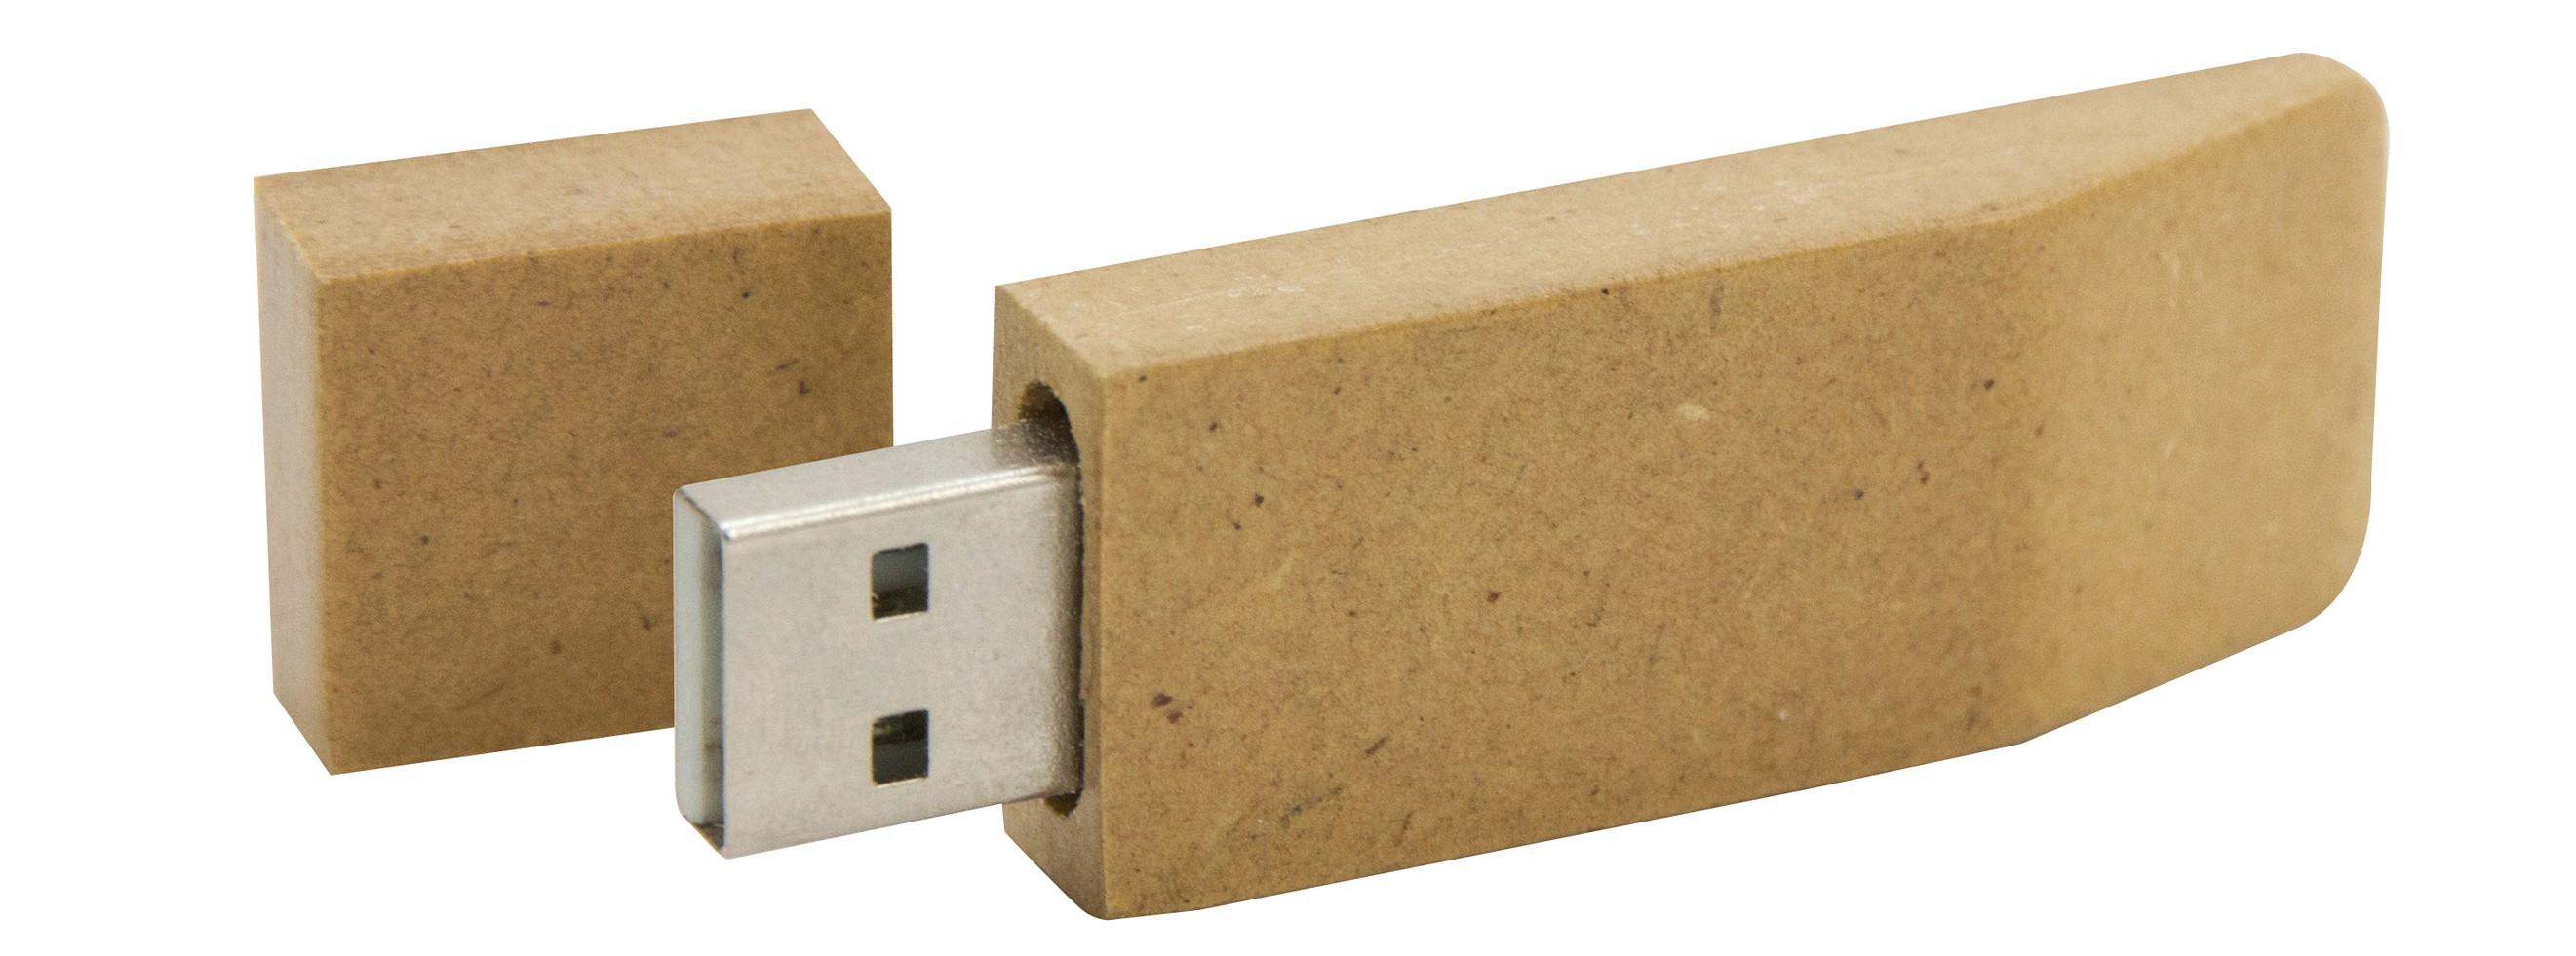 Pamięć USB eco PDe-4